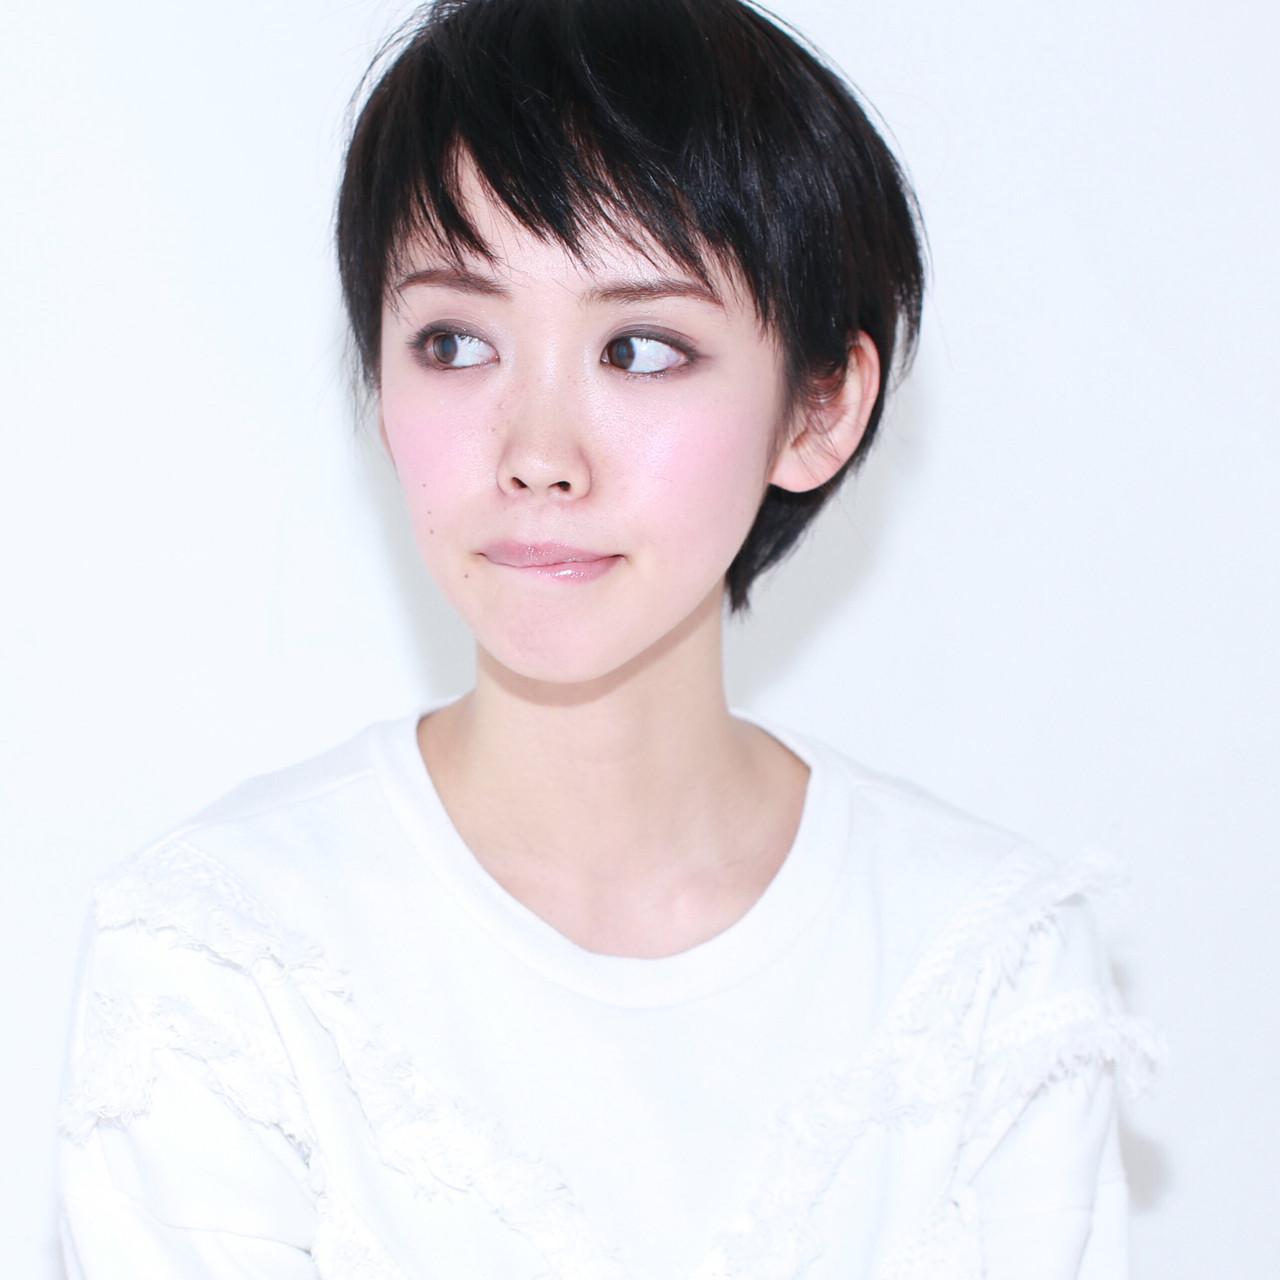 アッシュ ショート 暗髪 ナチュラル ヘアスタイルや髪型の写真・画像 | イマムラ スナオ / LUKE